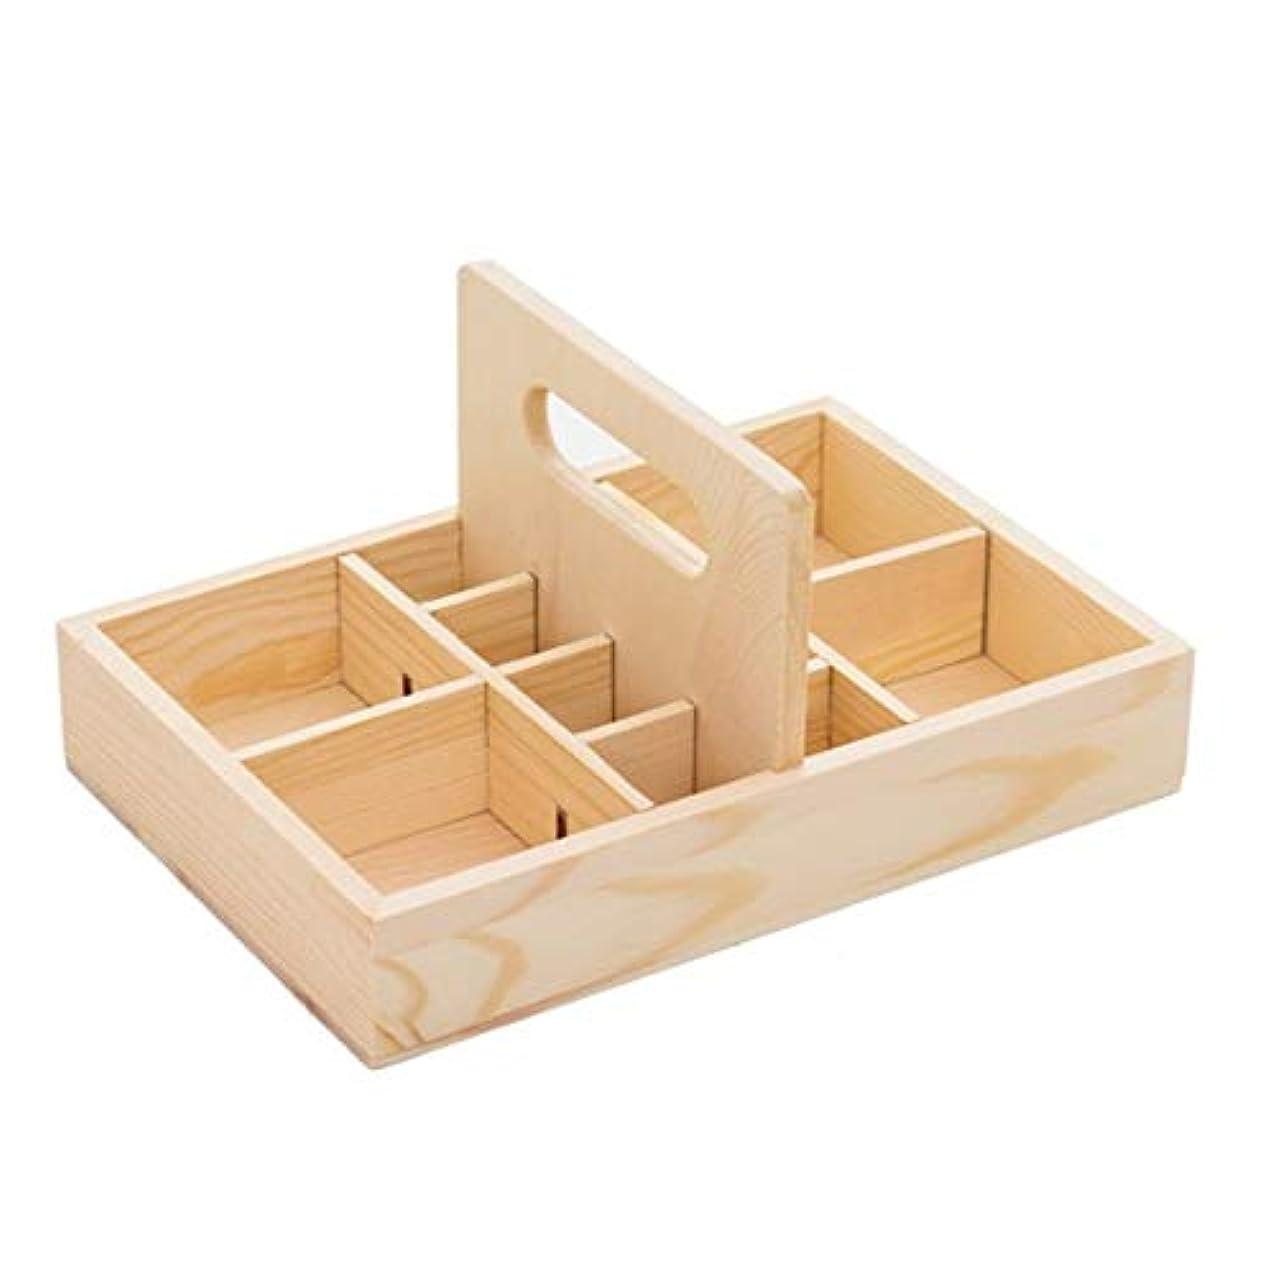 トリップアンティーク不完全なエッセンシャルオイル収納ボックス キャリー付きエッセンシャルオイルストレージボックスオーガナイザーは木製油ケースホルダーをハンドル (色 : Natural, サイズ : 22X15X4.2CM)